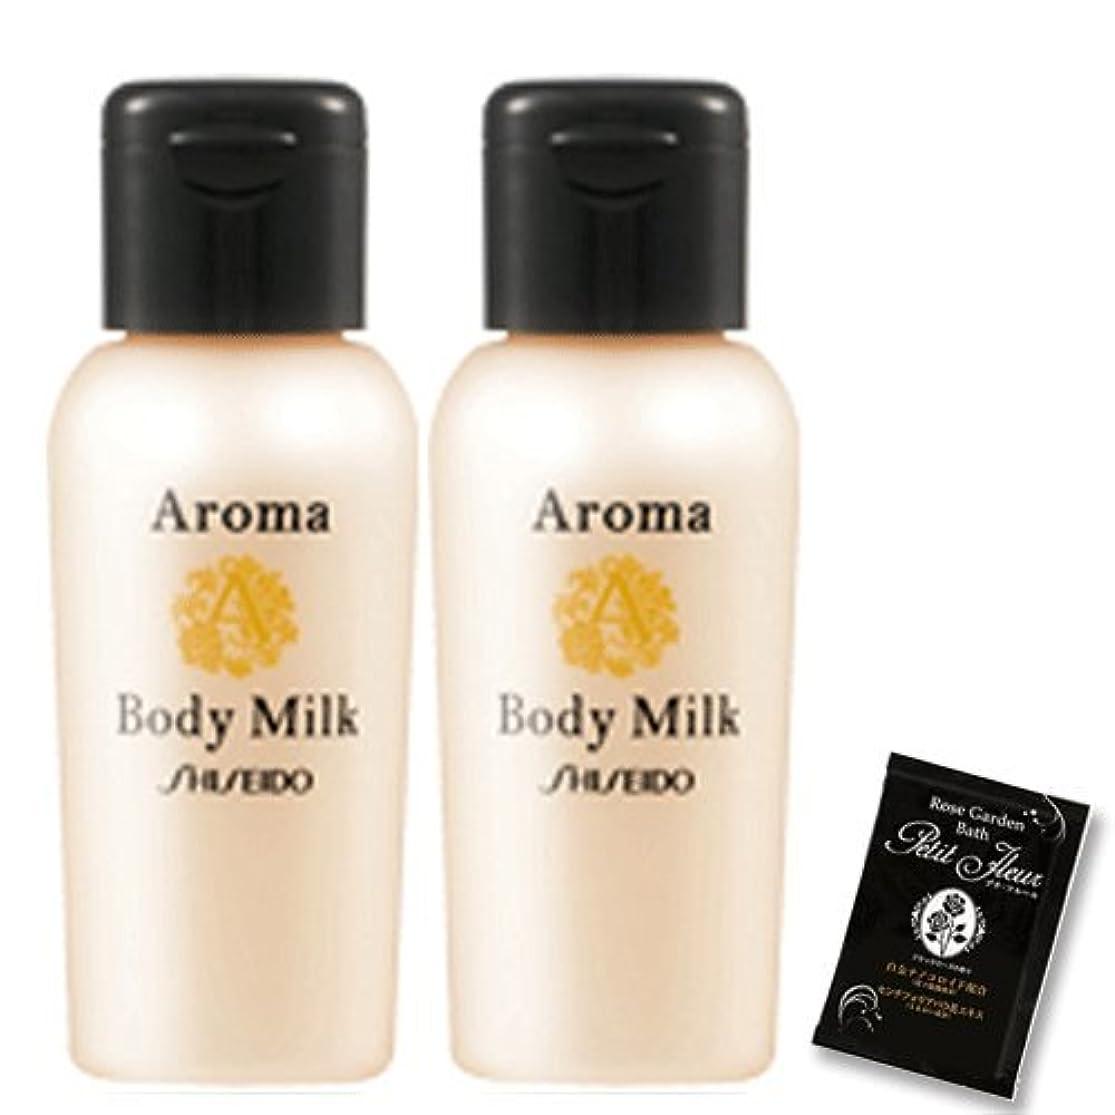 できないシンポジウム本気資生堂 ジアメニティ アロマミルク 30ml ミニボトル 2本セット + 入浴剤(プチフルール)付き